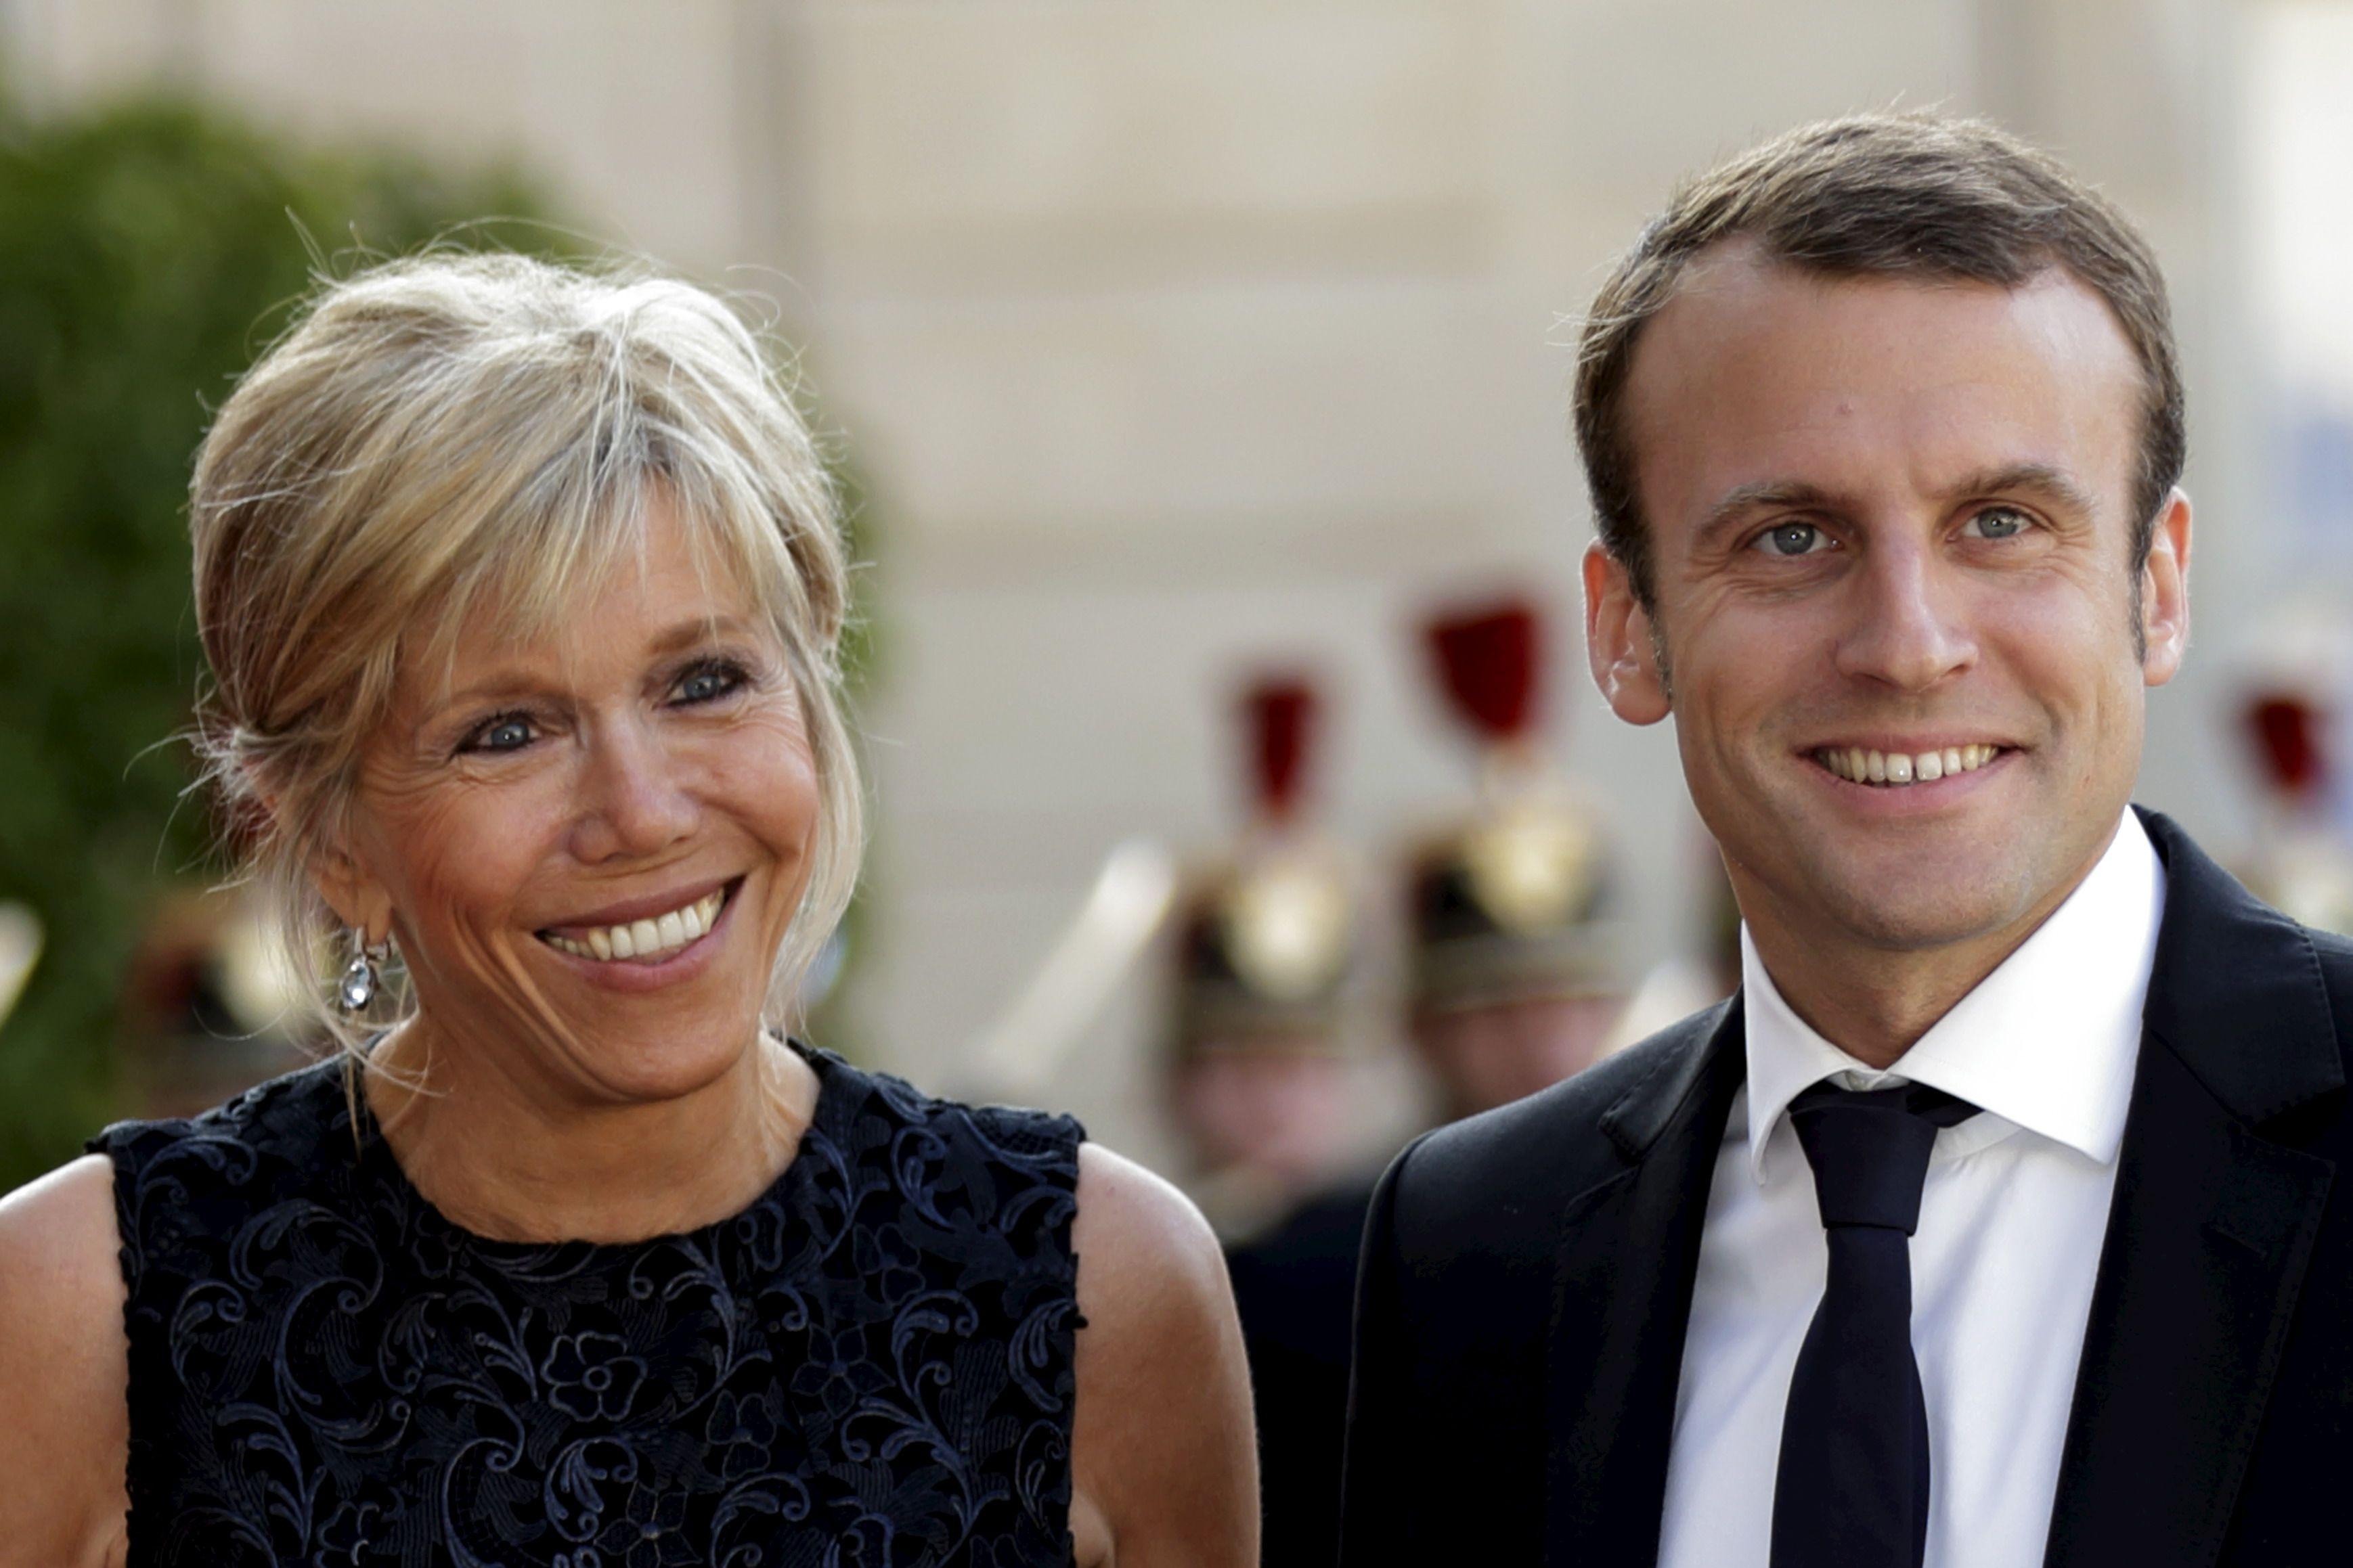 Les premières confidences de Brigitte Macron depuis son entrée à l'Elysée